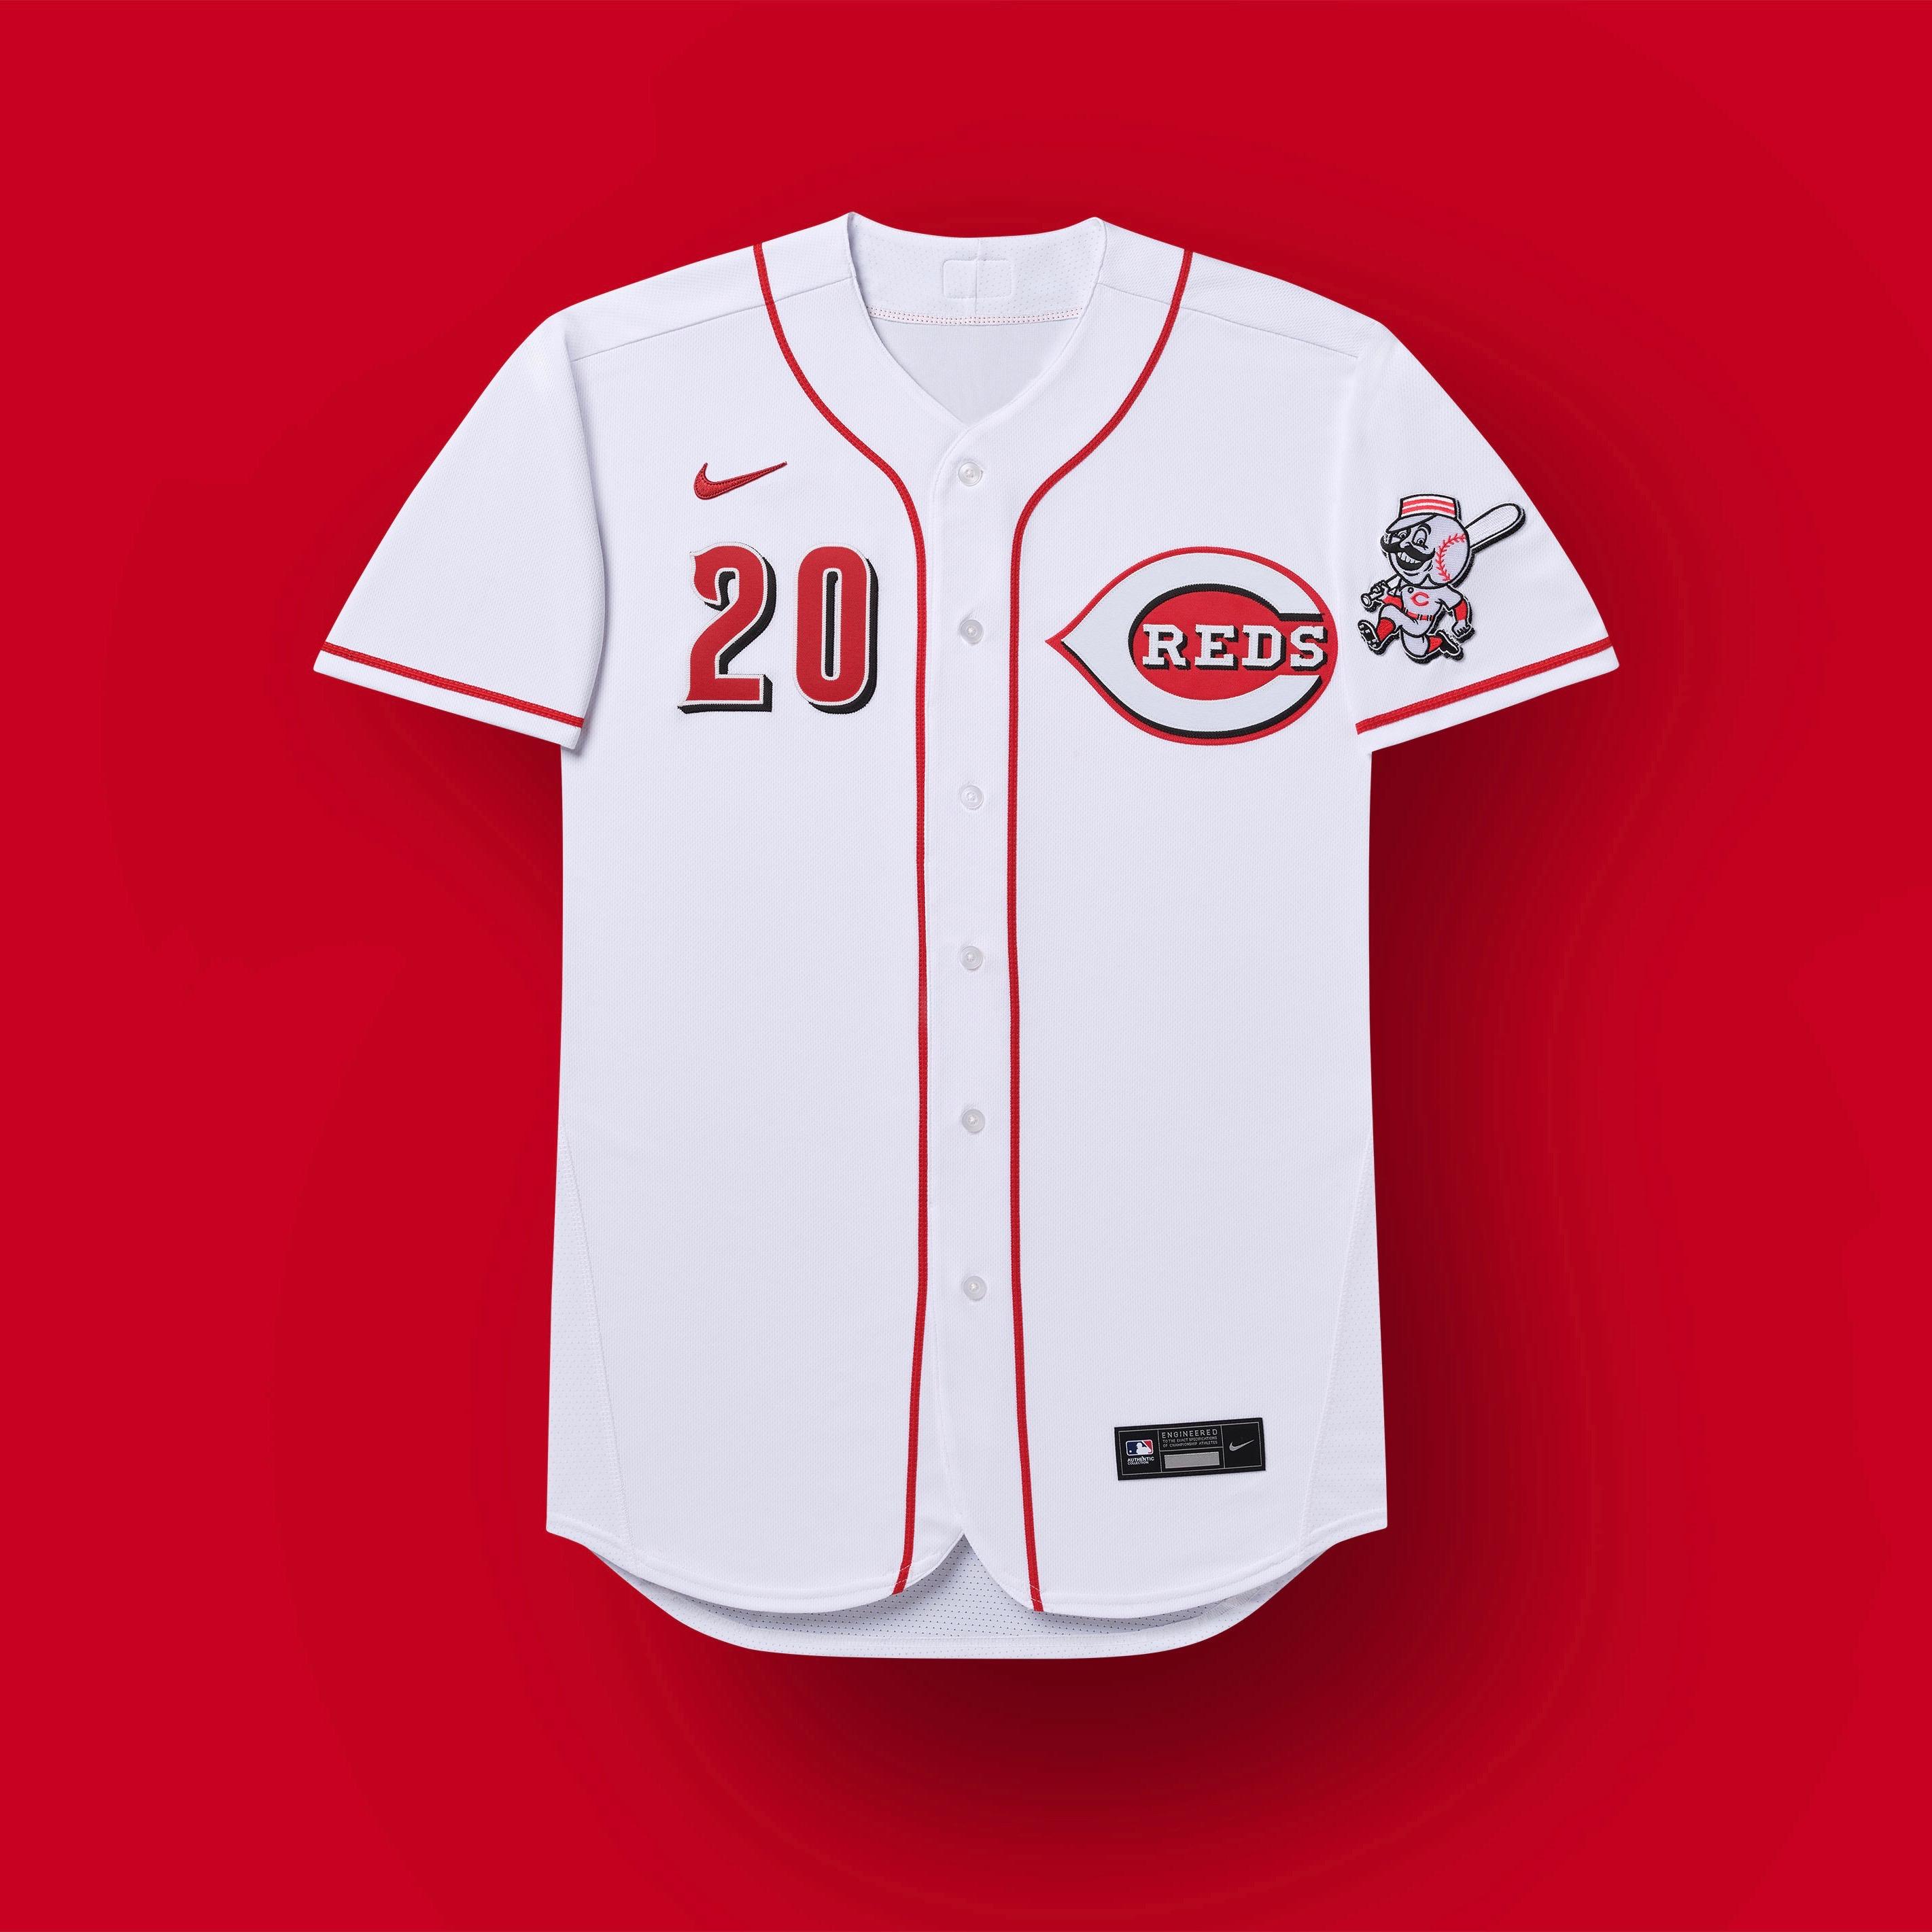 uniformes rojos de cincinnati 2020